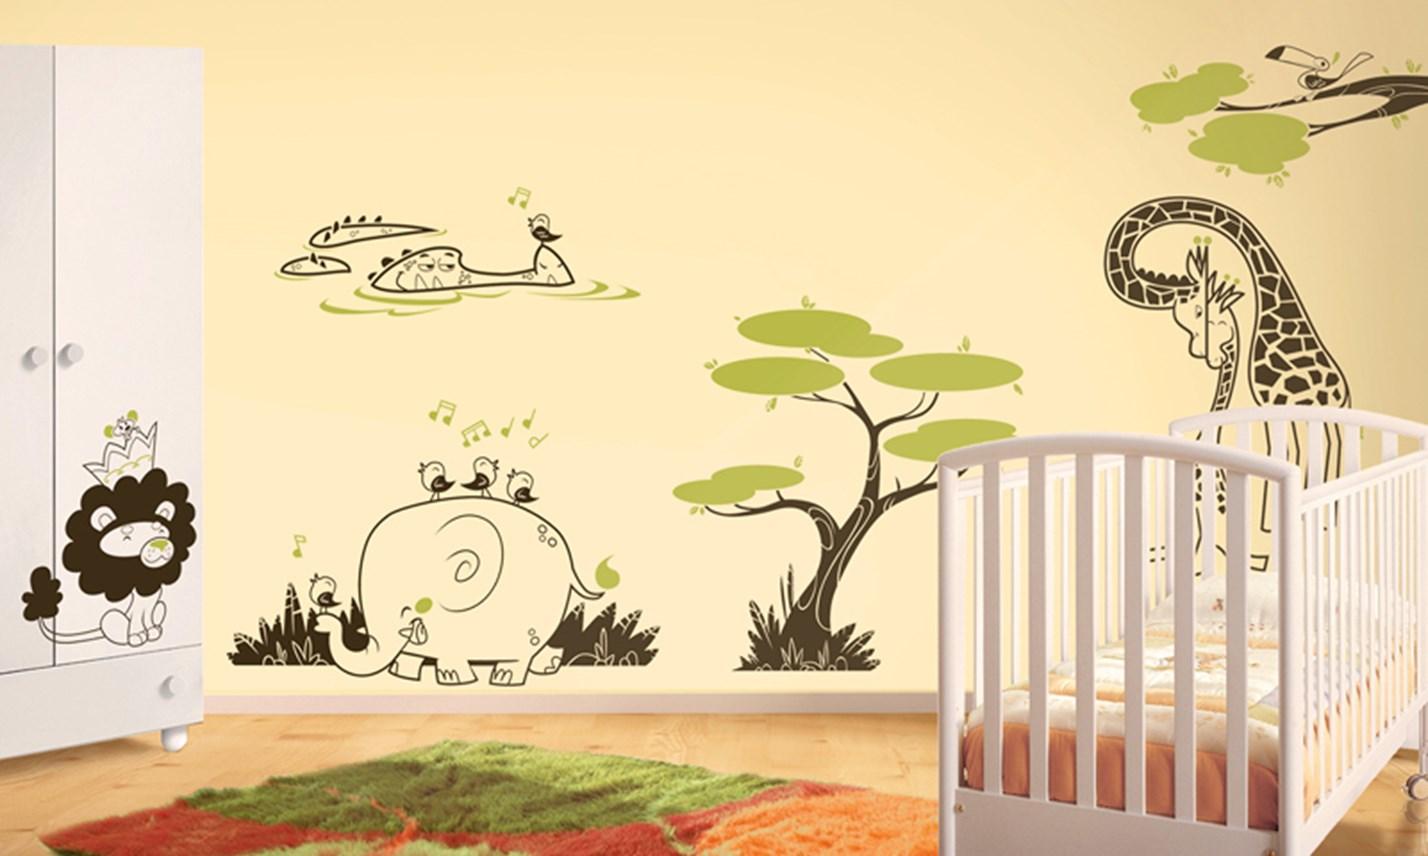 Decorazioni murali camerette bambini bambini fatine - Decorazioni murali camerette ...